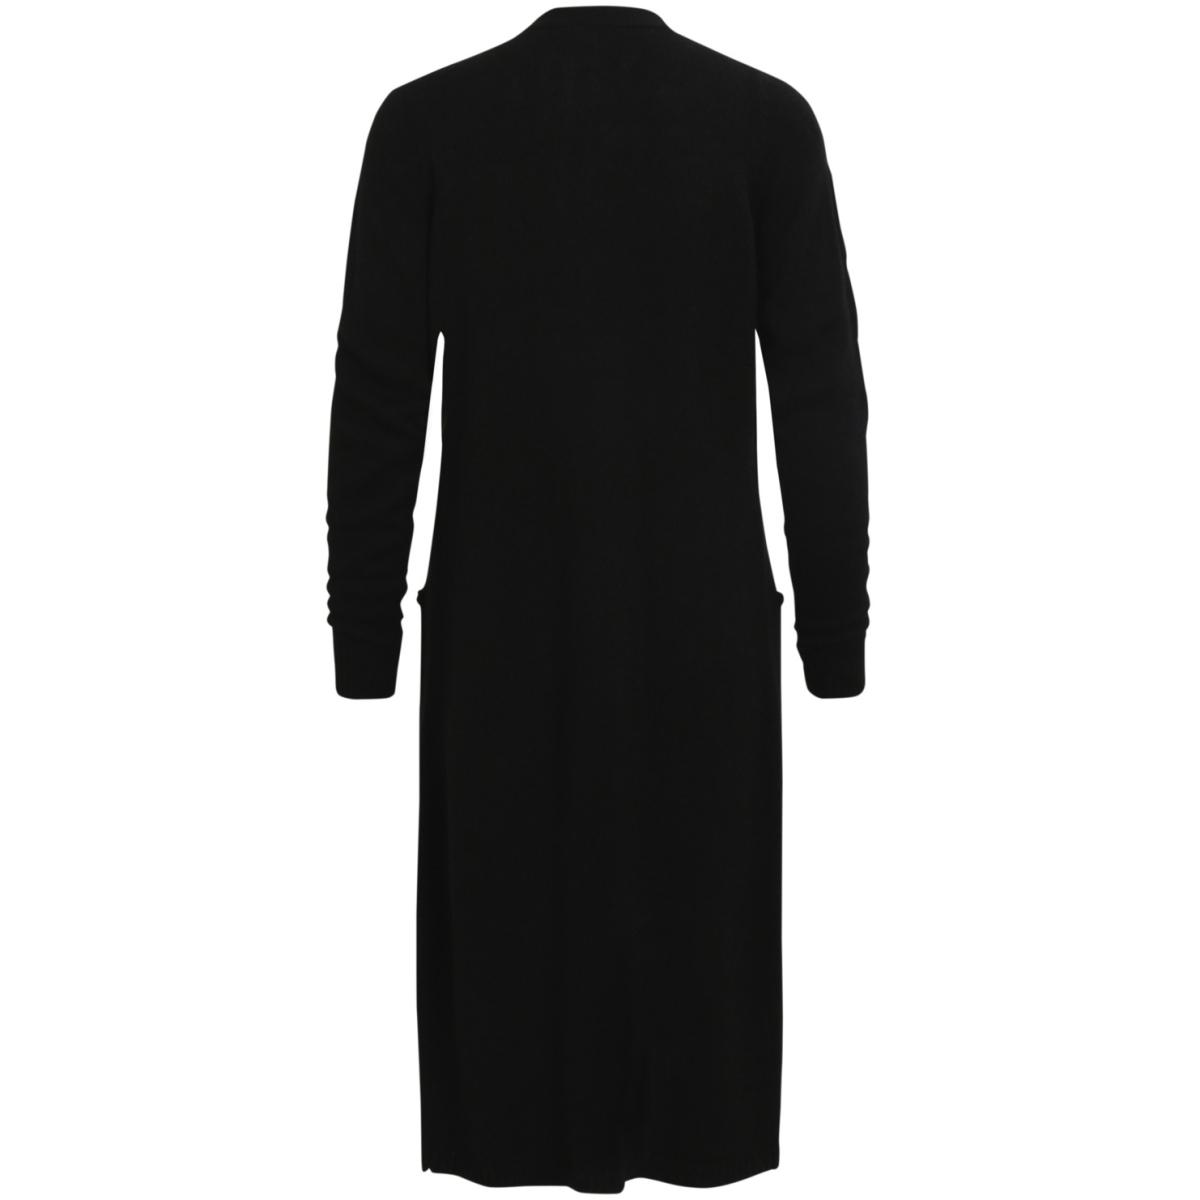 viriva l/s long knit cardigan-noos 14044324 vila vest black